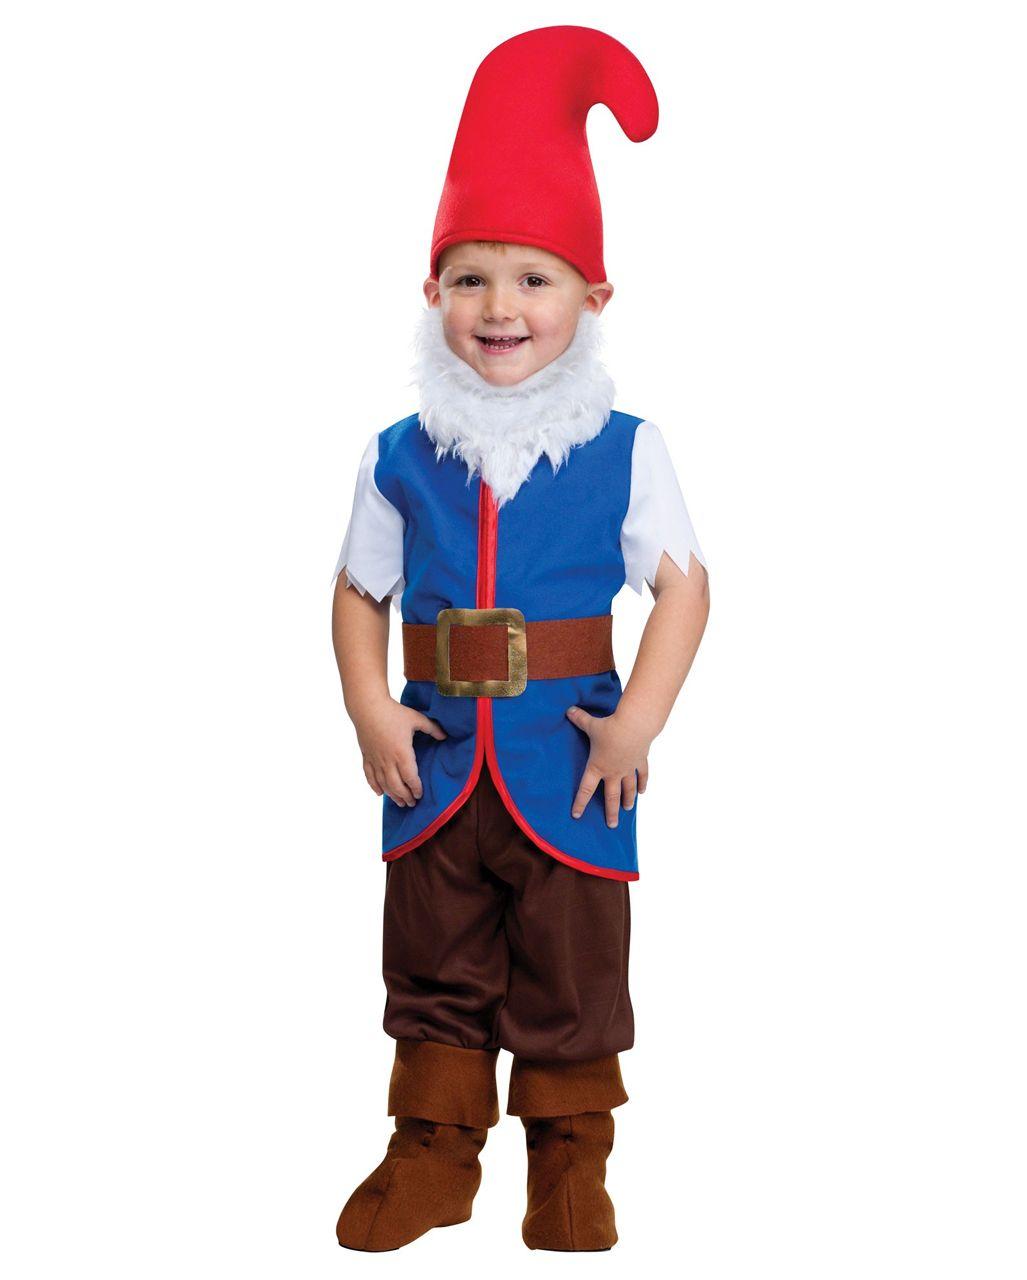 Pin von Nathalie auf Kostüme in 2020   Kostüm kleinkind ...